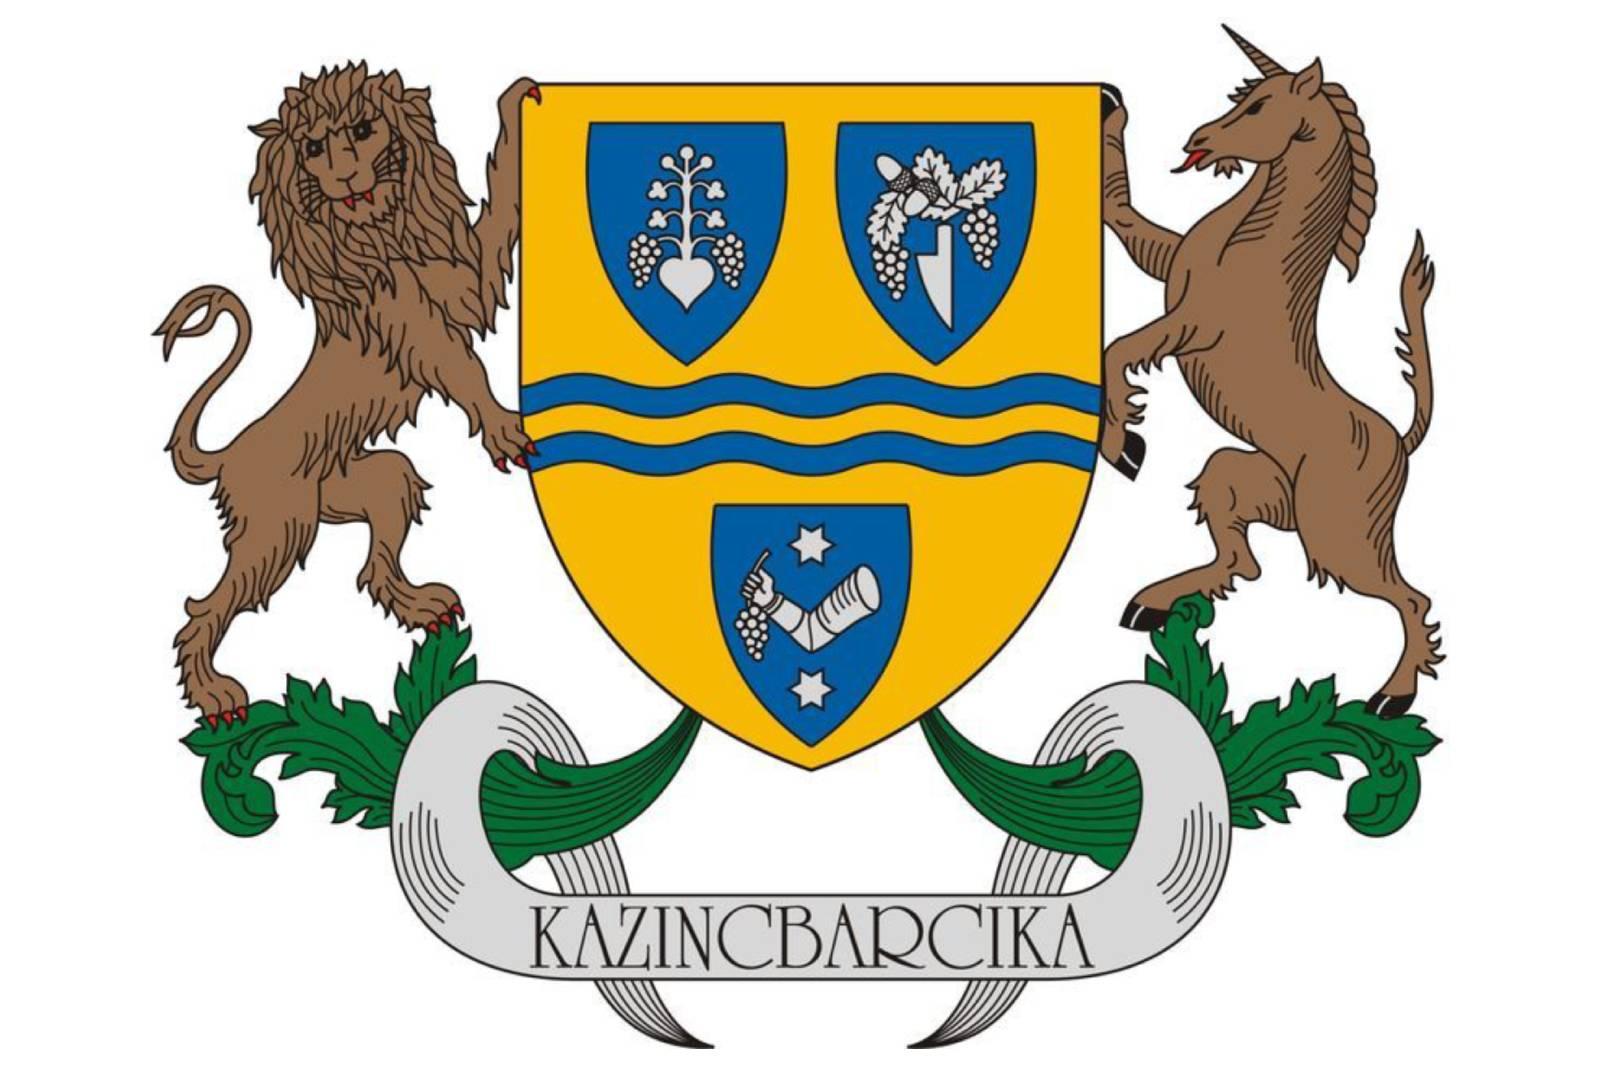 https://kolorline.hu/Bezárnak az önkormányzati intézmények Kazincbarcikán